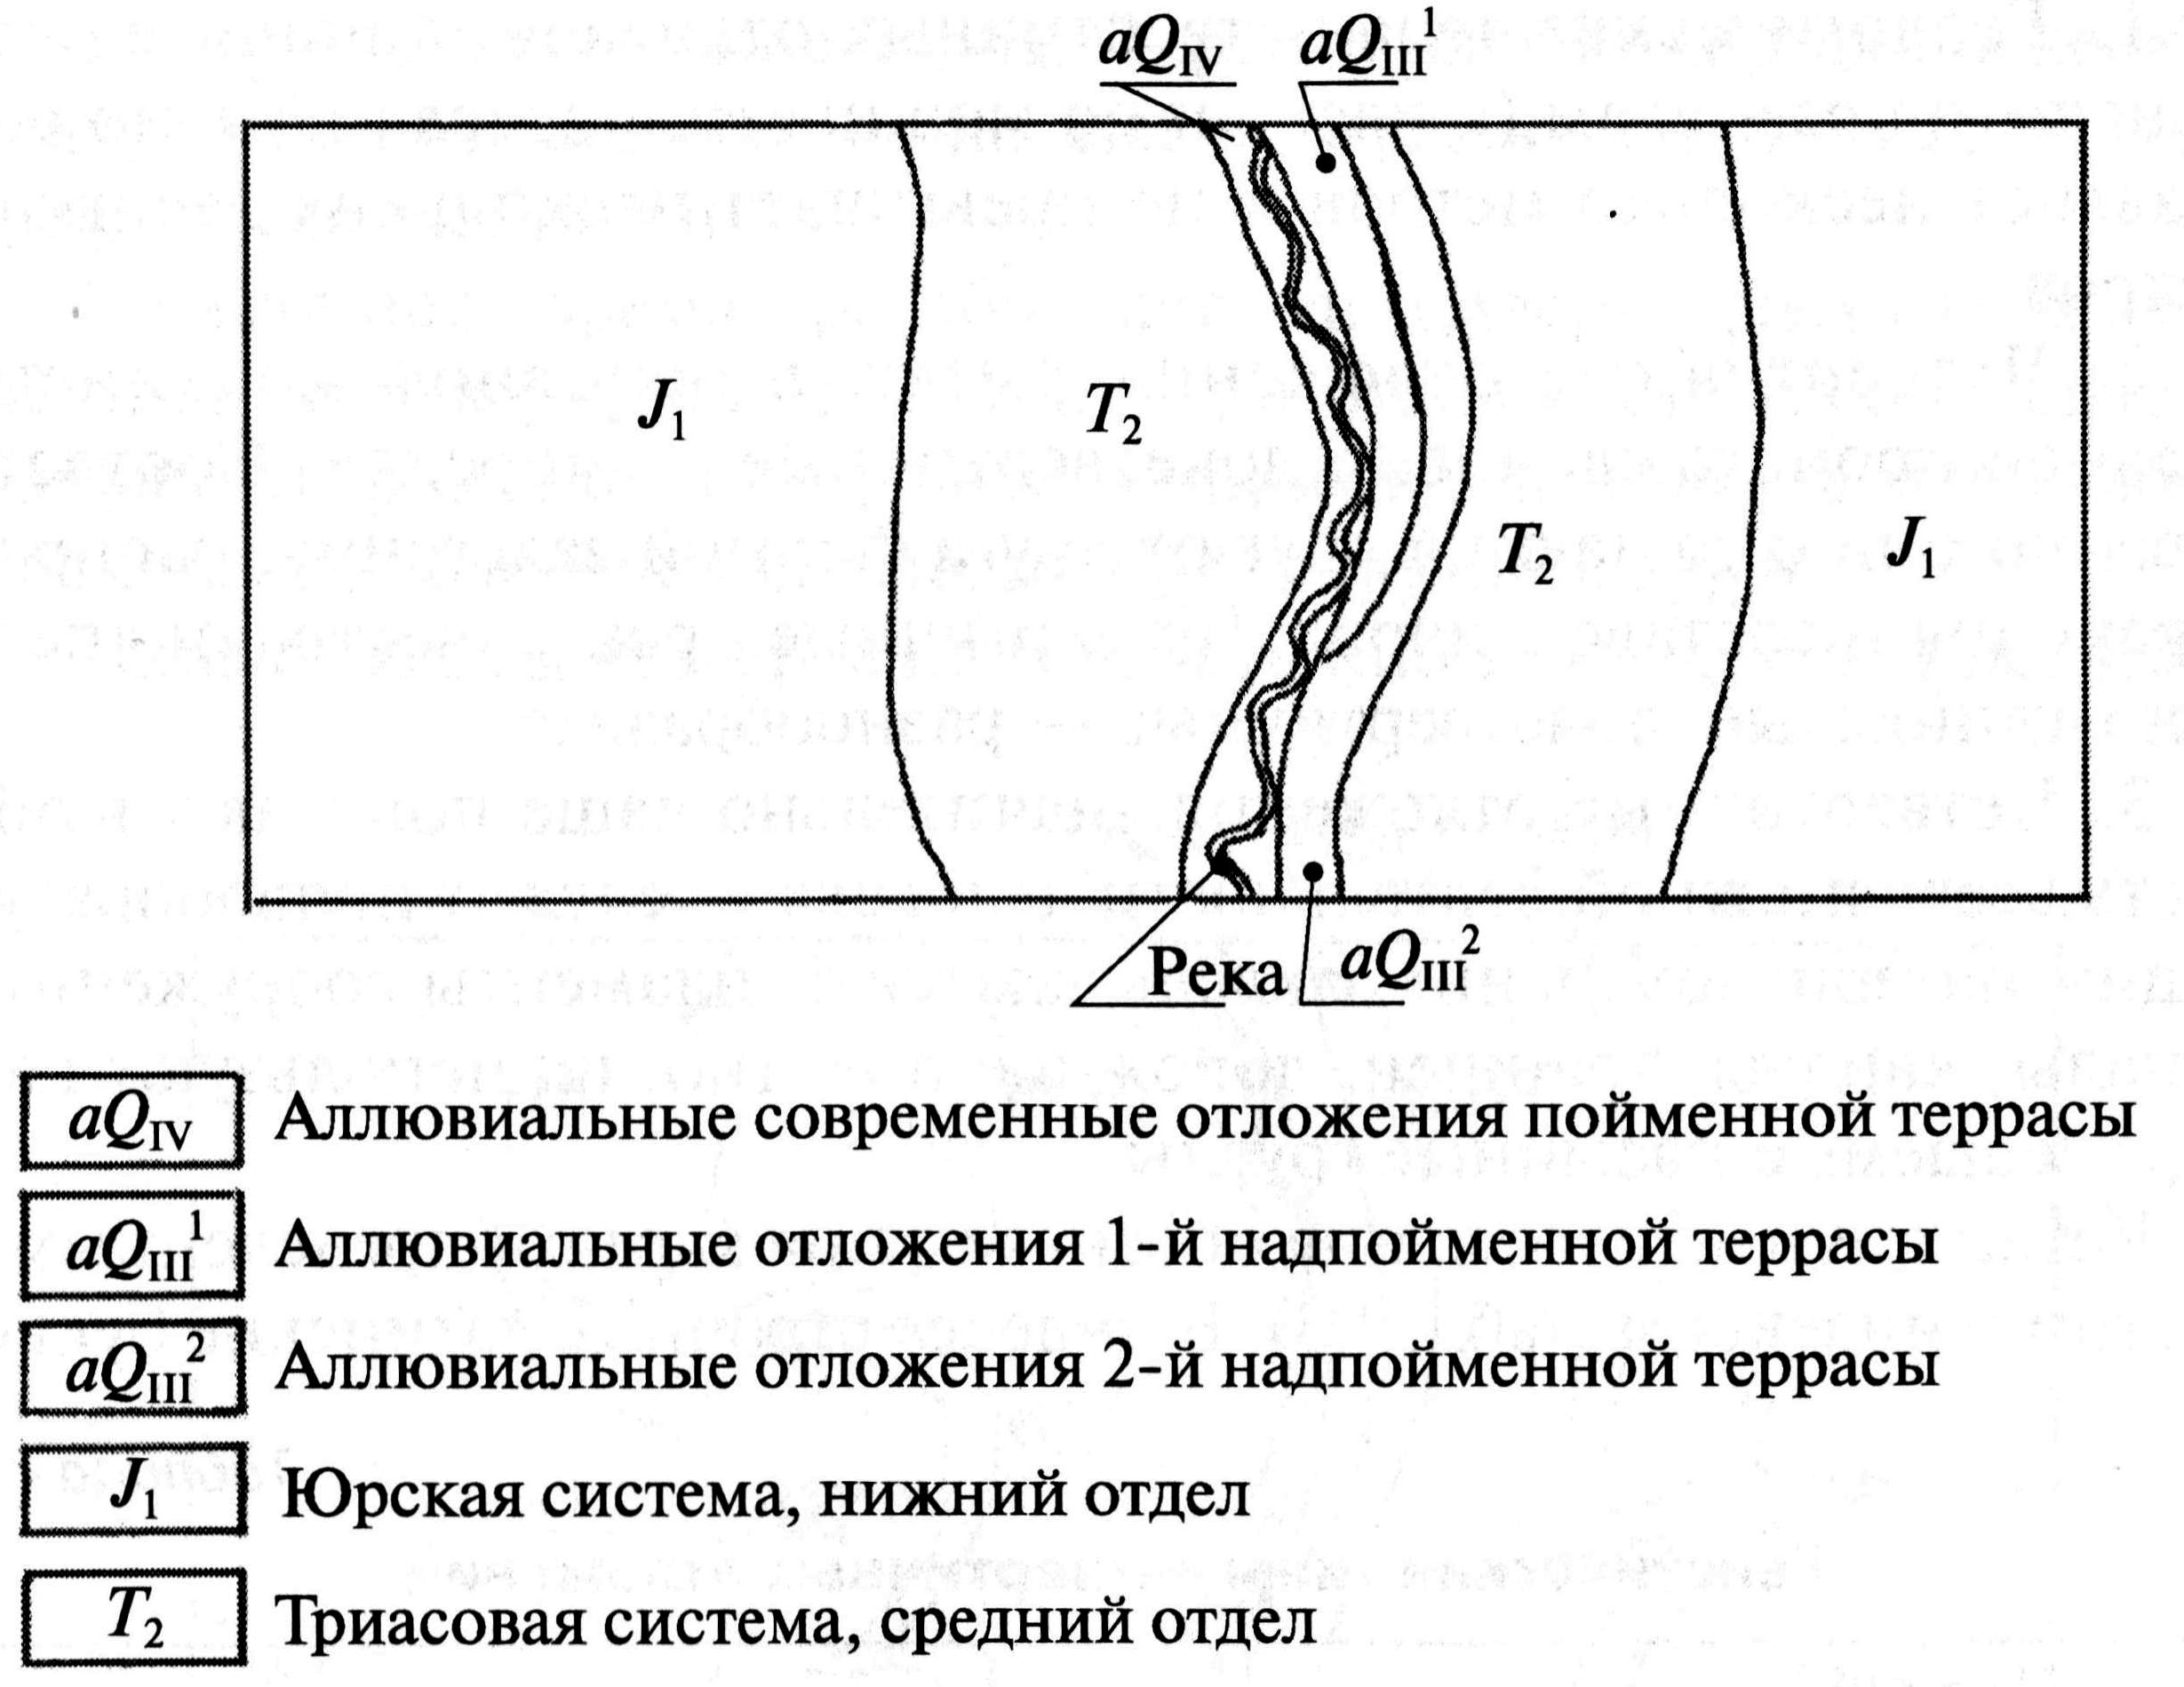 Строение земной поверхности коры показано на карте